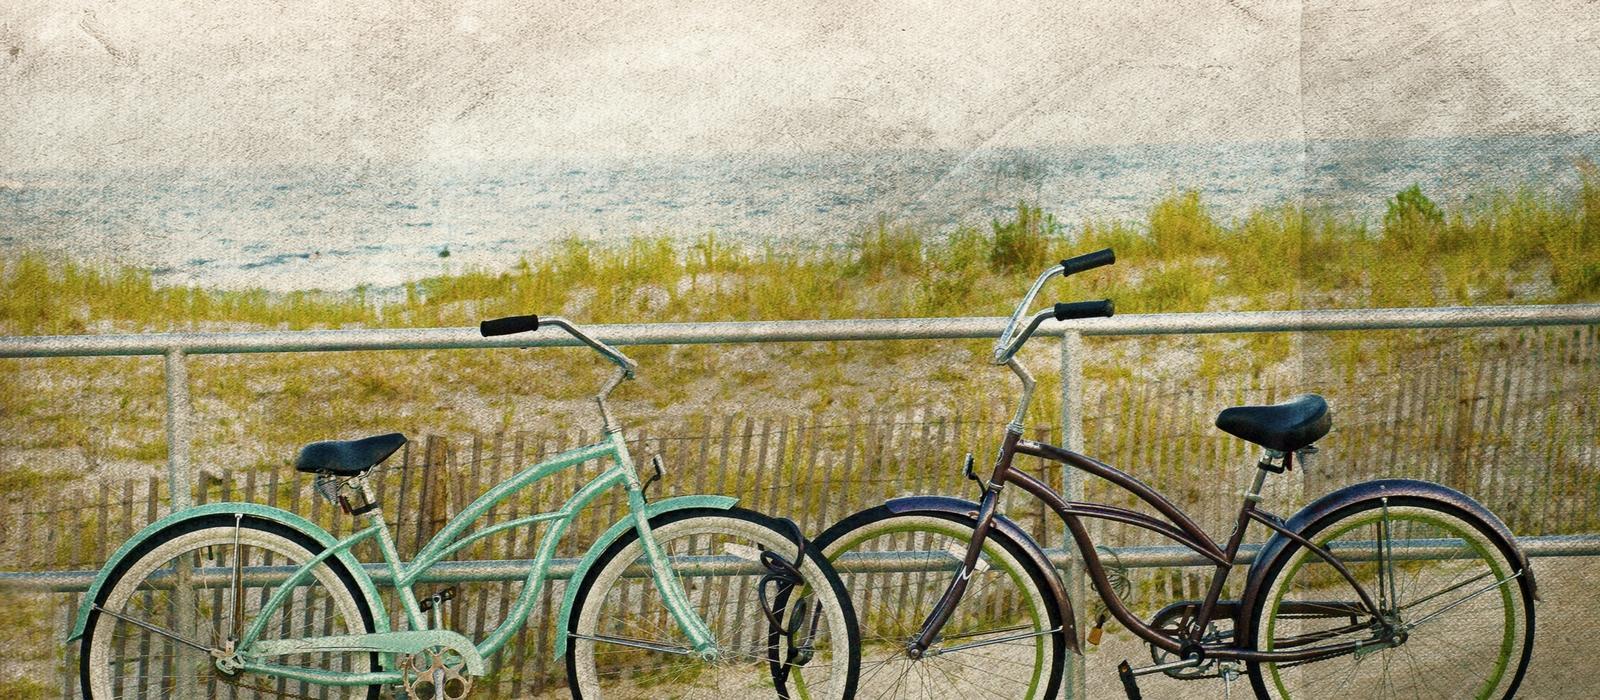 Bikes On The Boardwalk